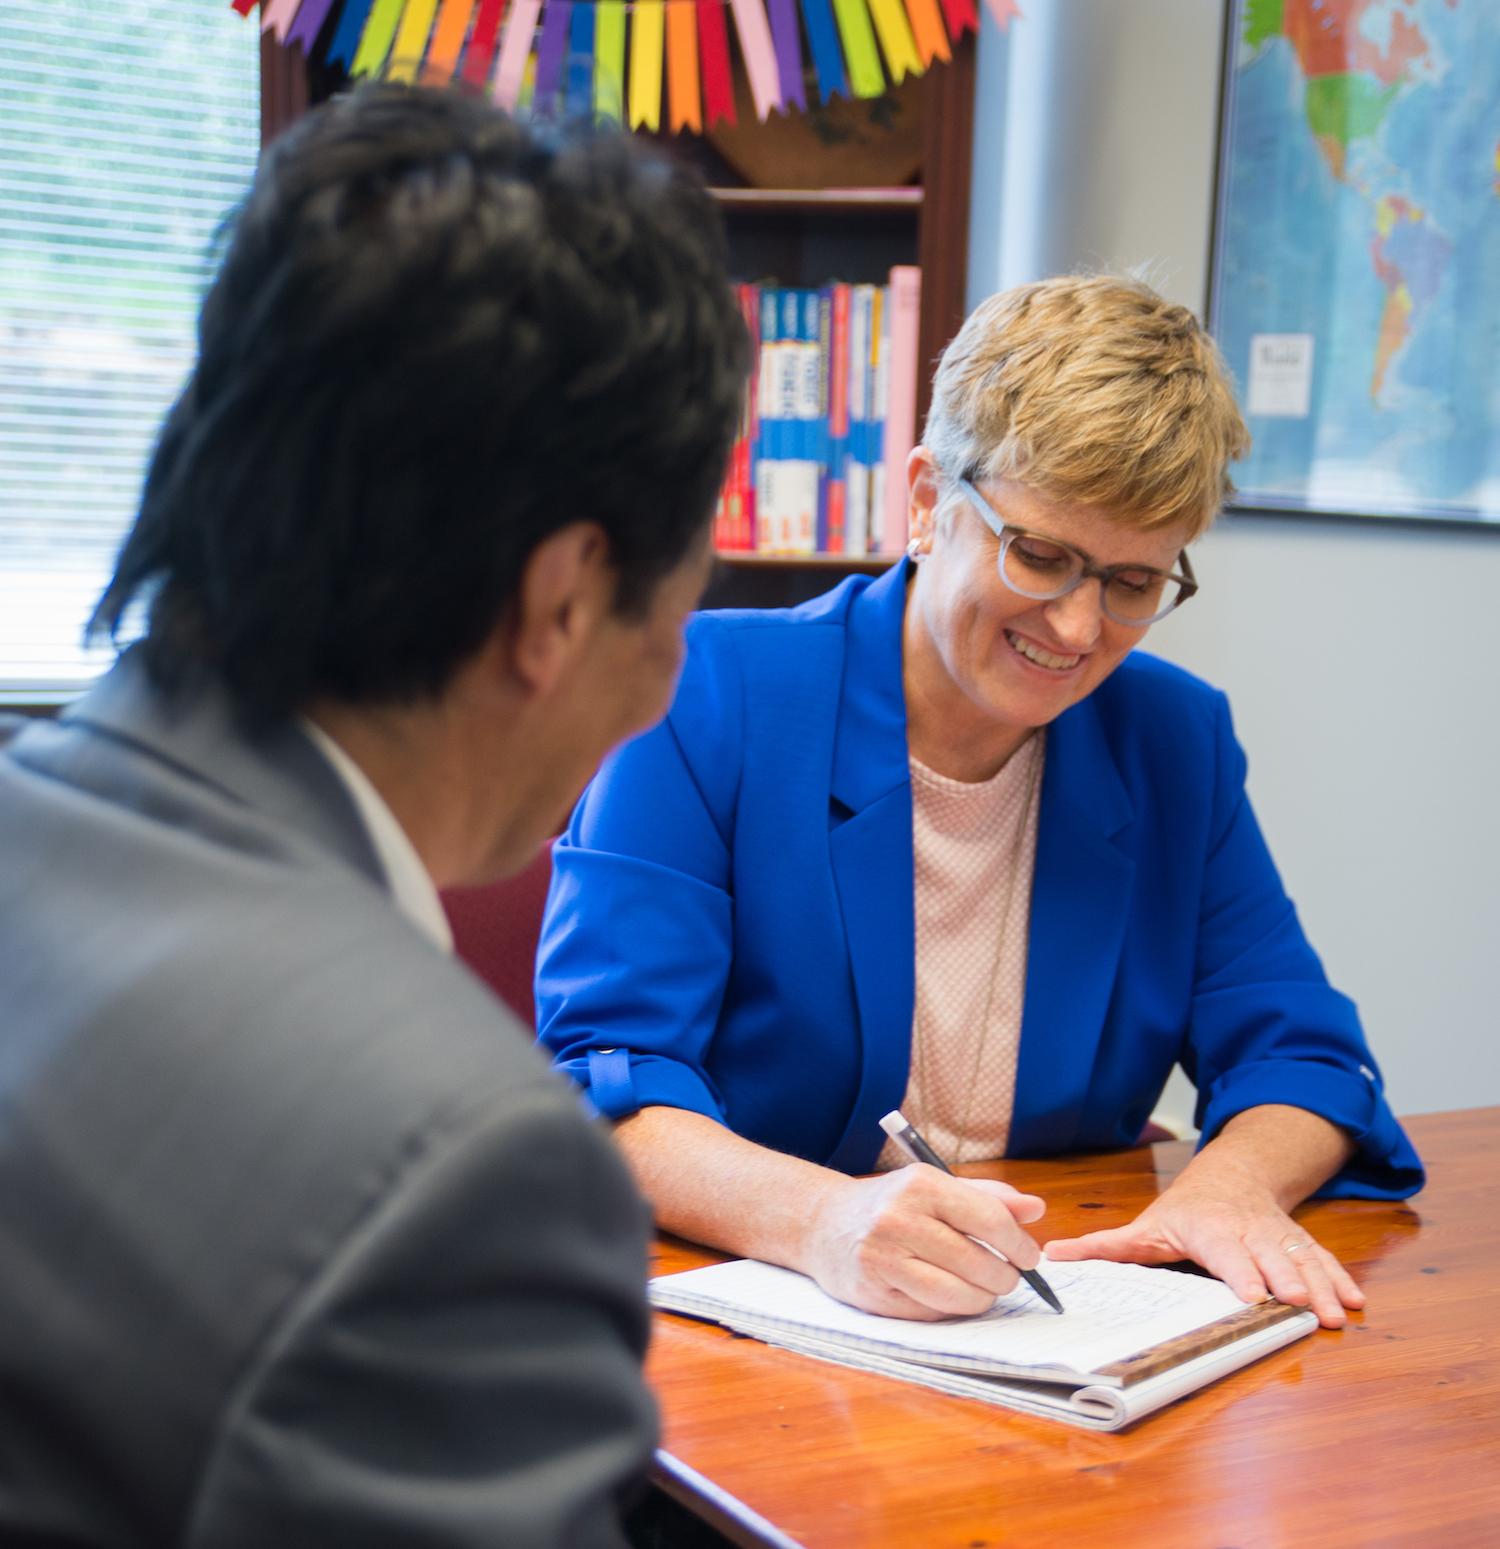 Liz Bigler of Bigler ESL teaching private English lesson for a Japanese Student